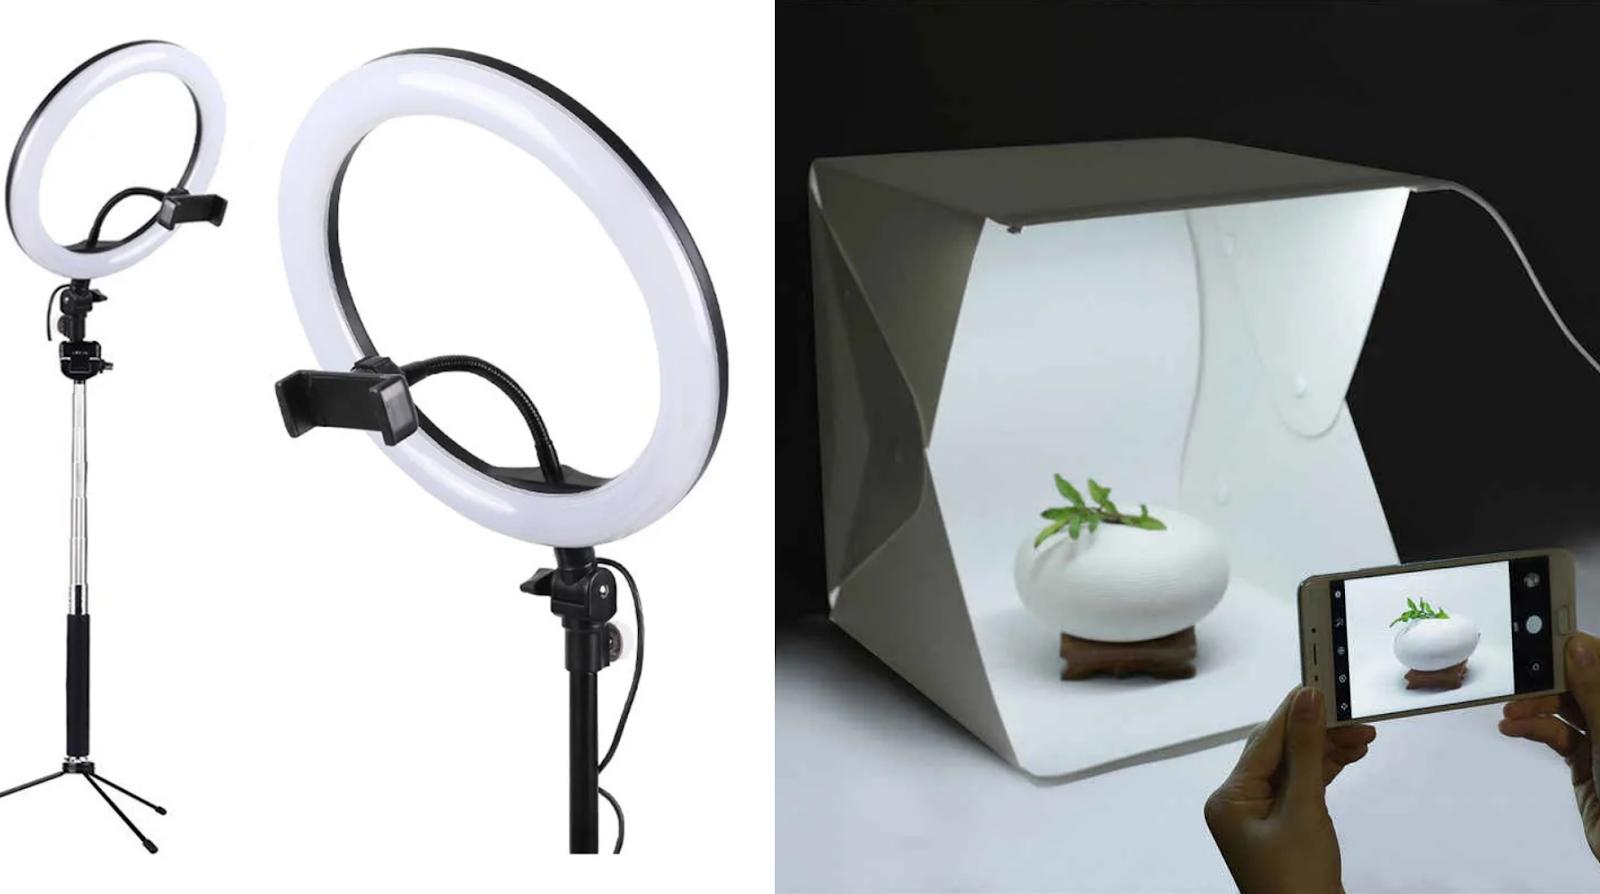 Anel de luz (à esquerda) e mini estúdio (à direita) são objetos baratos que podem ajudar a melhorar a qualidade das suas fotografias tiradas com o celular.